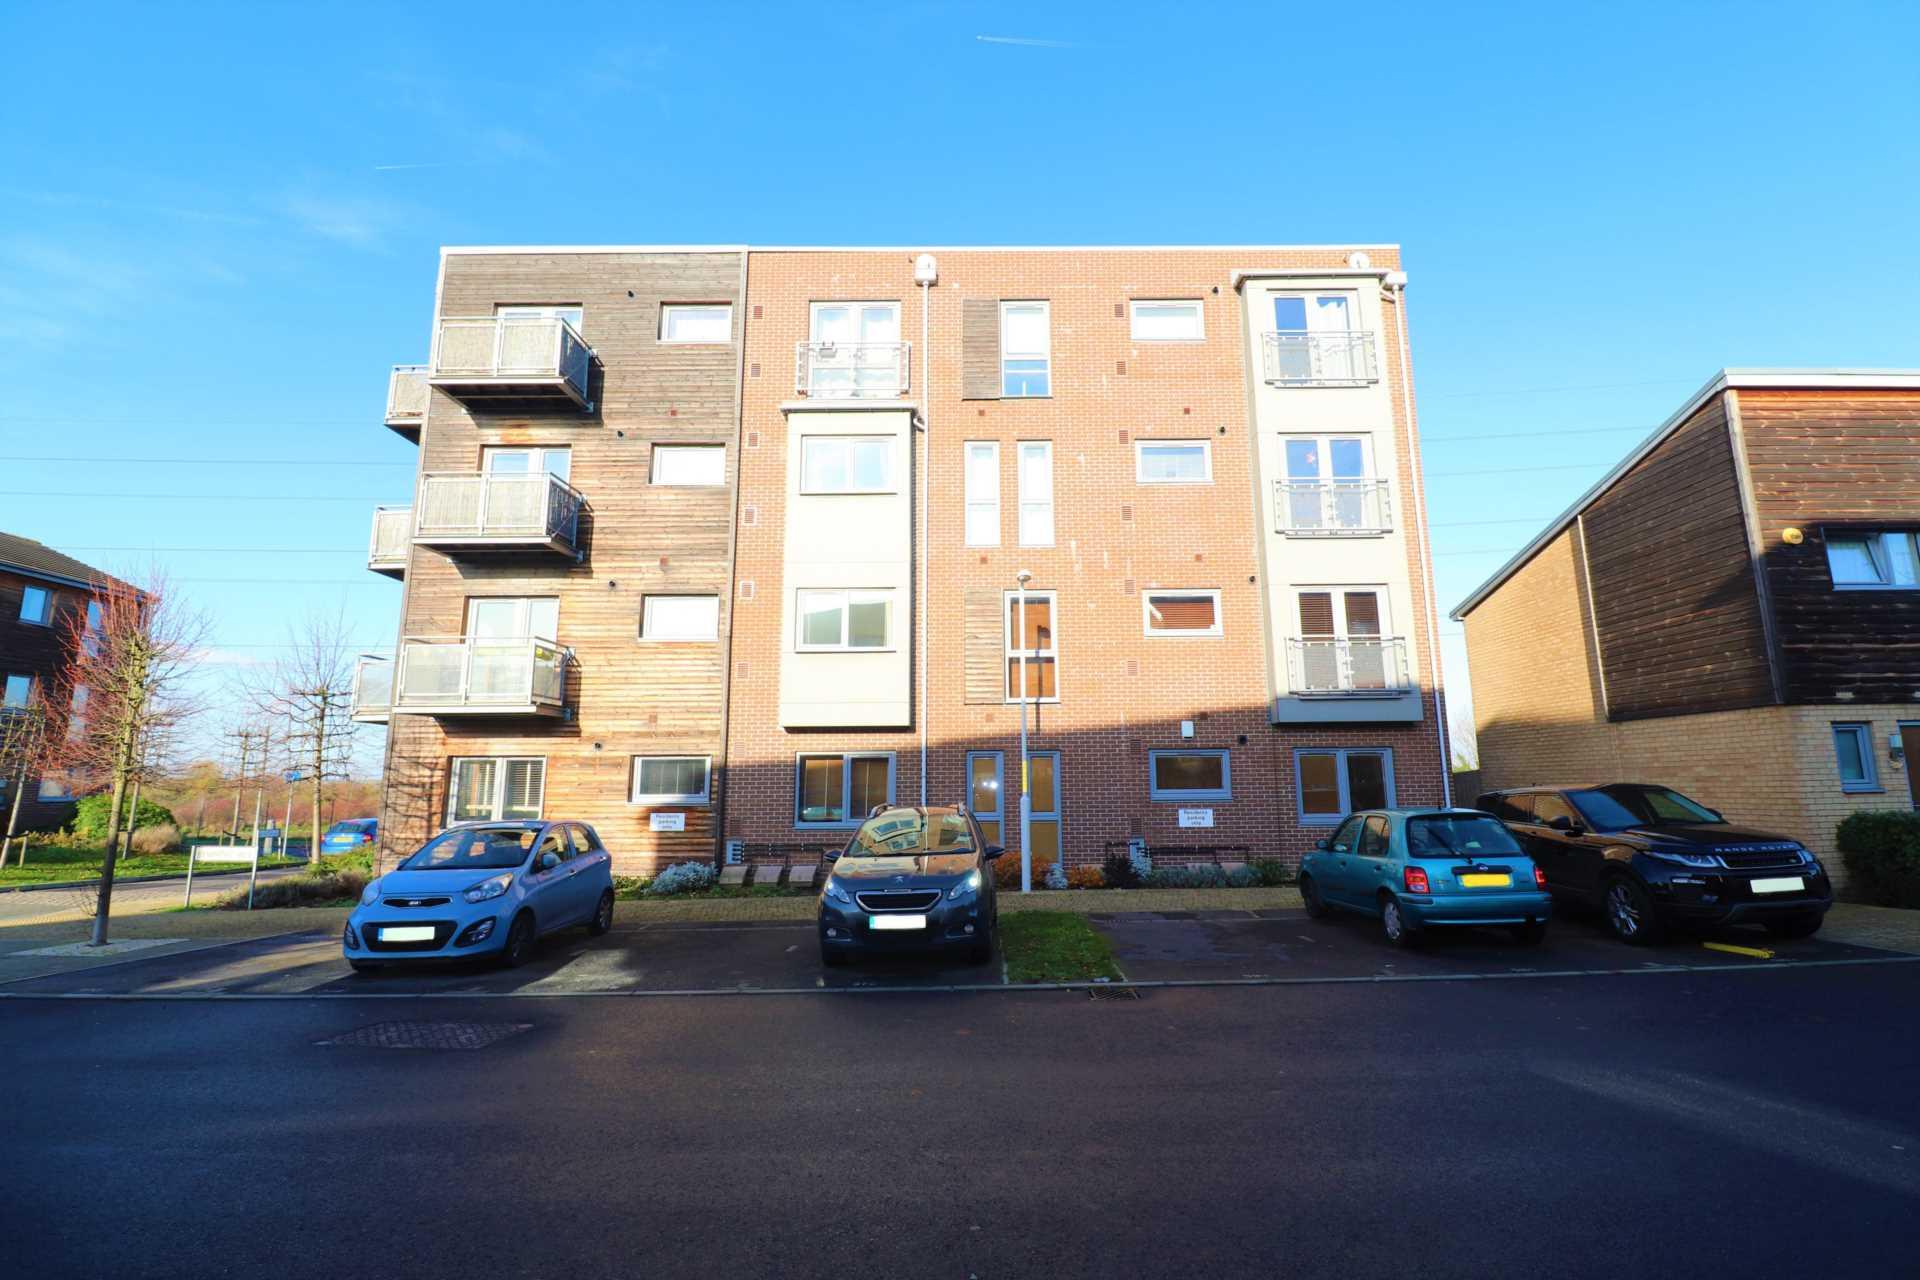 Property King Estate Agents - 2 Bedroom Flat, Sympathy Vale, Dartford